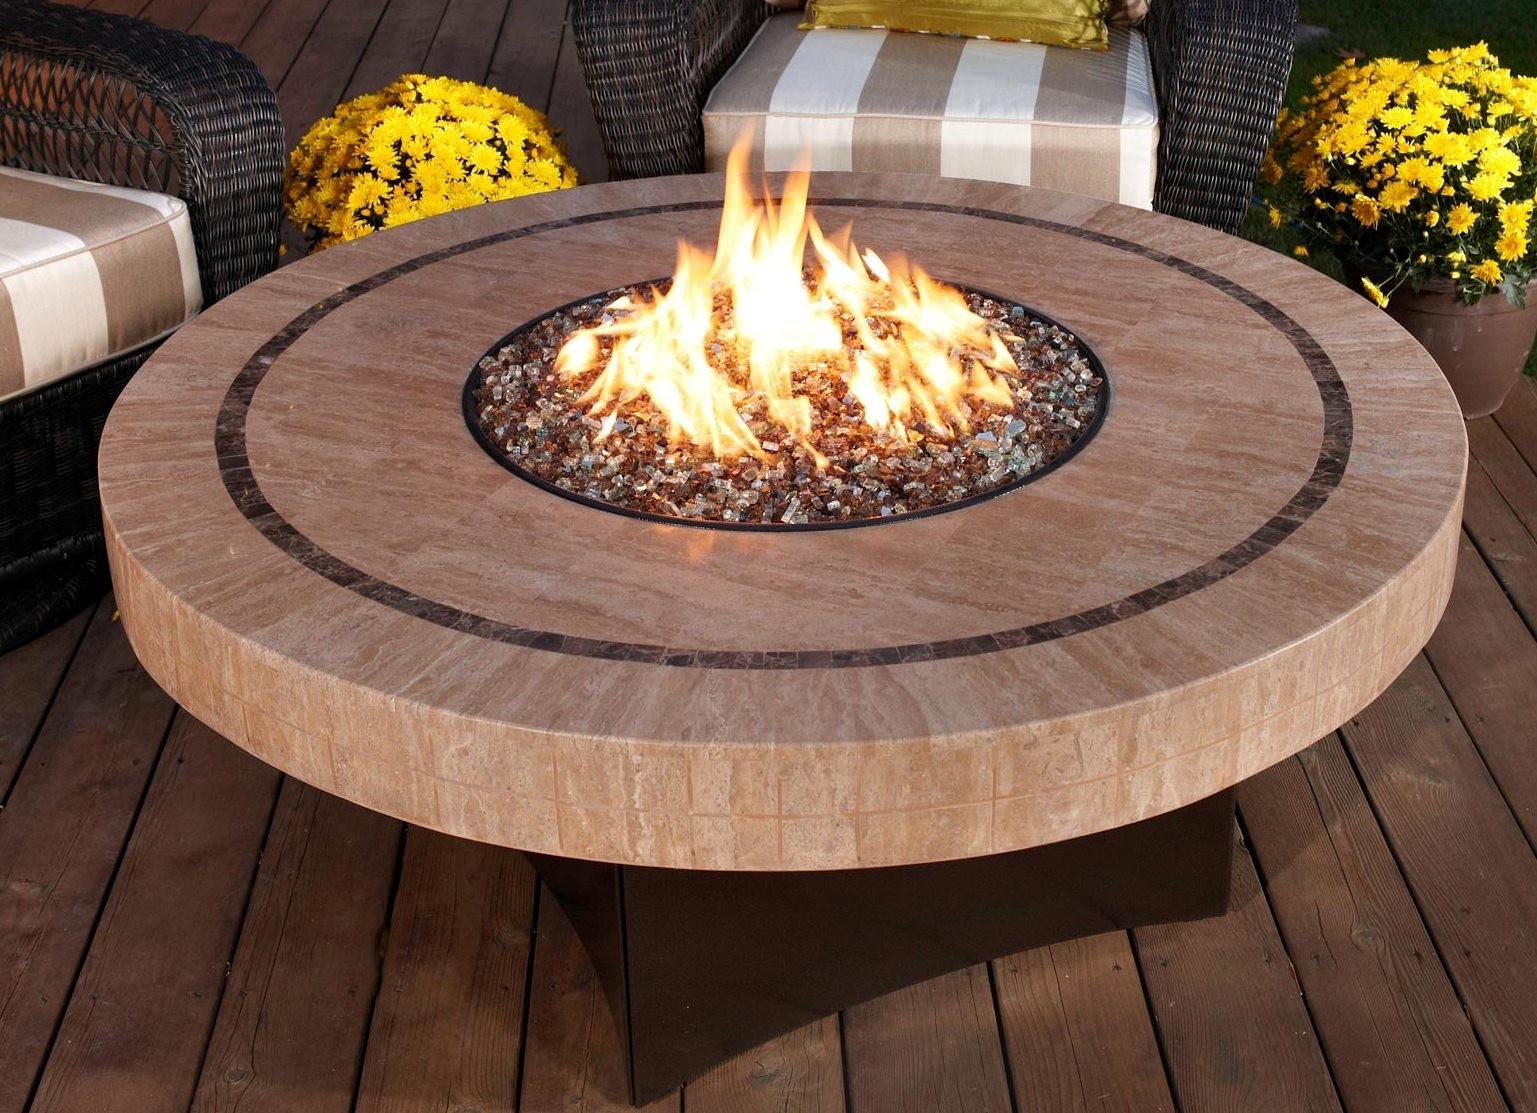 Best Natural Gas Outdoor Fire Pits 174kaartenstempnl regarding proportions 1537 X 1113